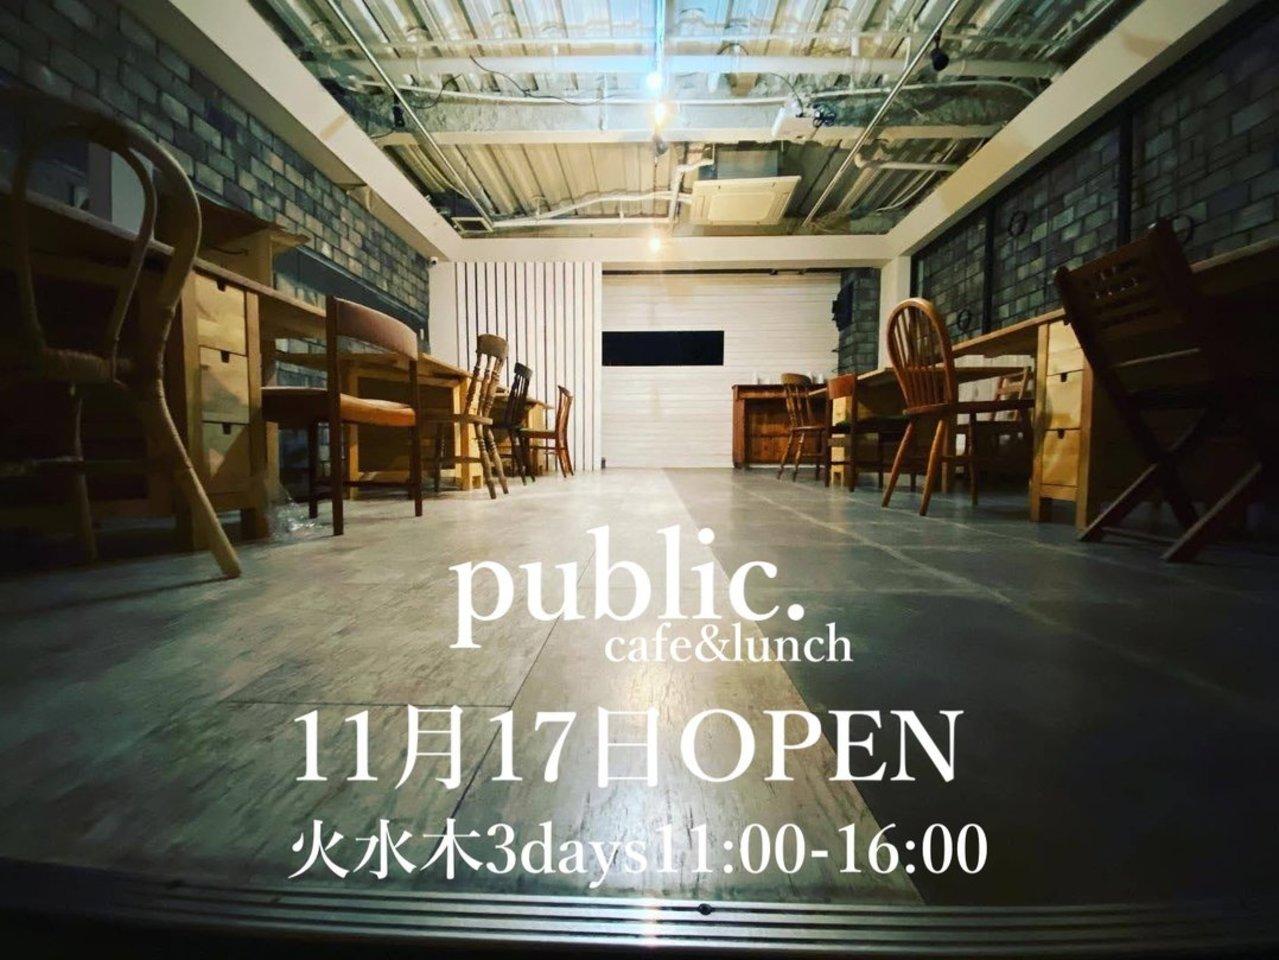 祝!11/17open『パブリック』カフェ&ランチ(兵庫県姫路市)